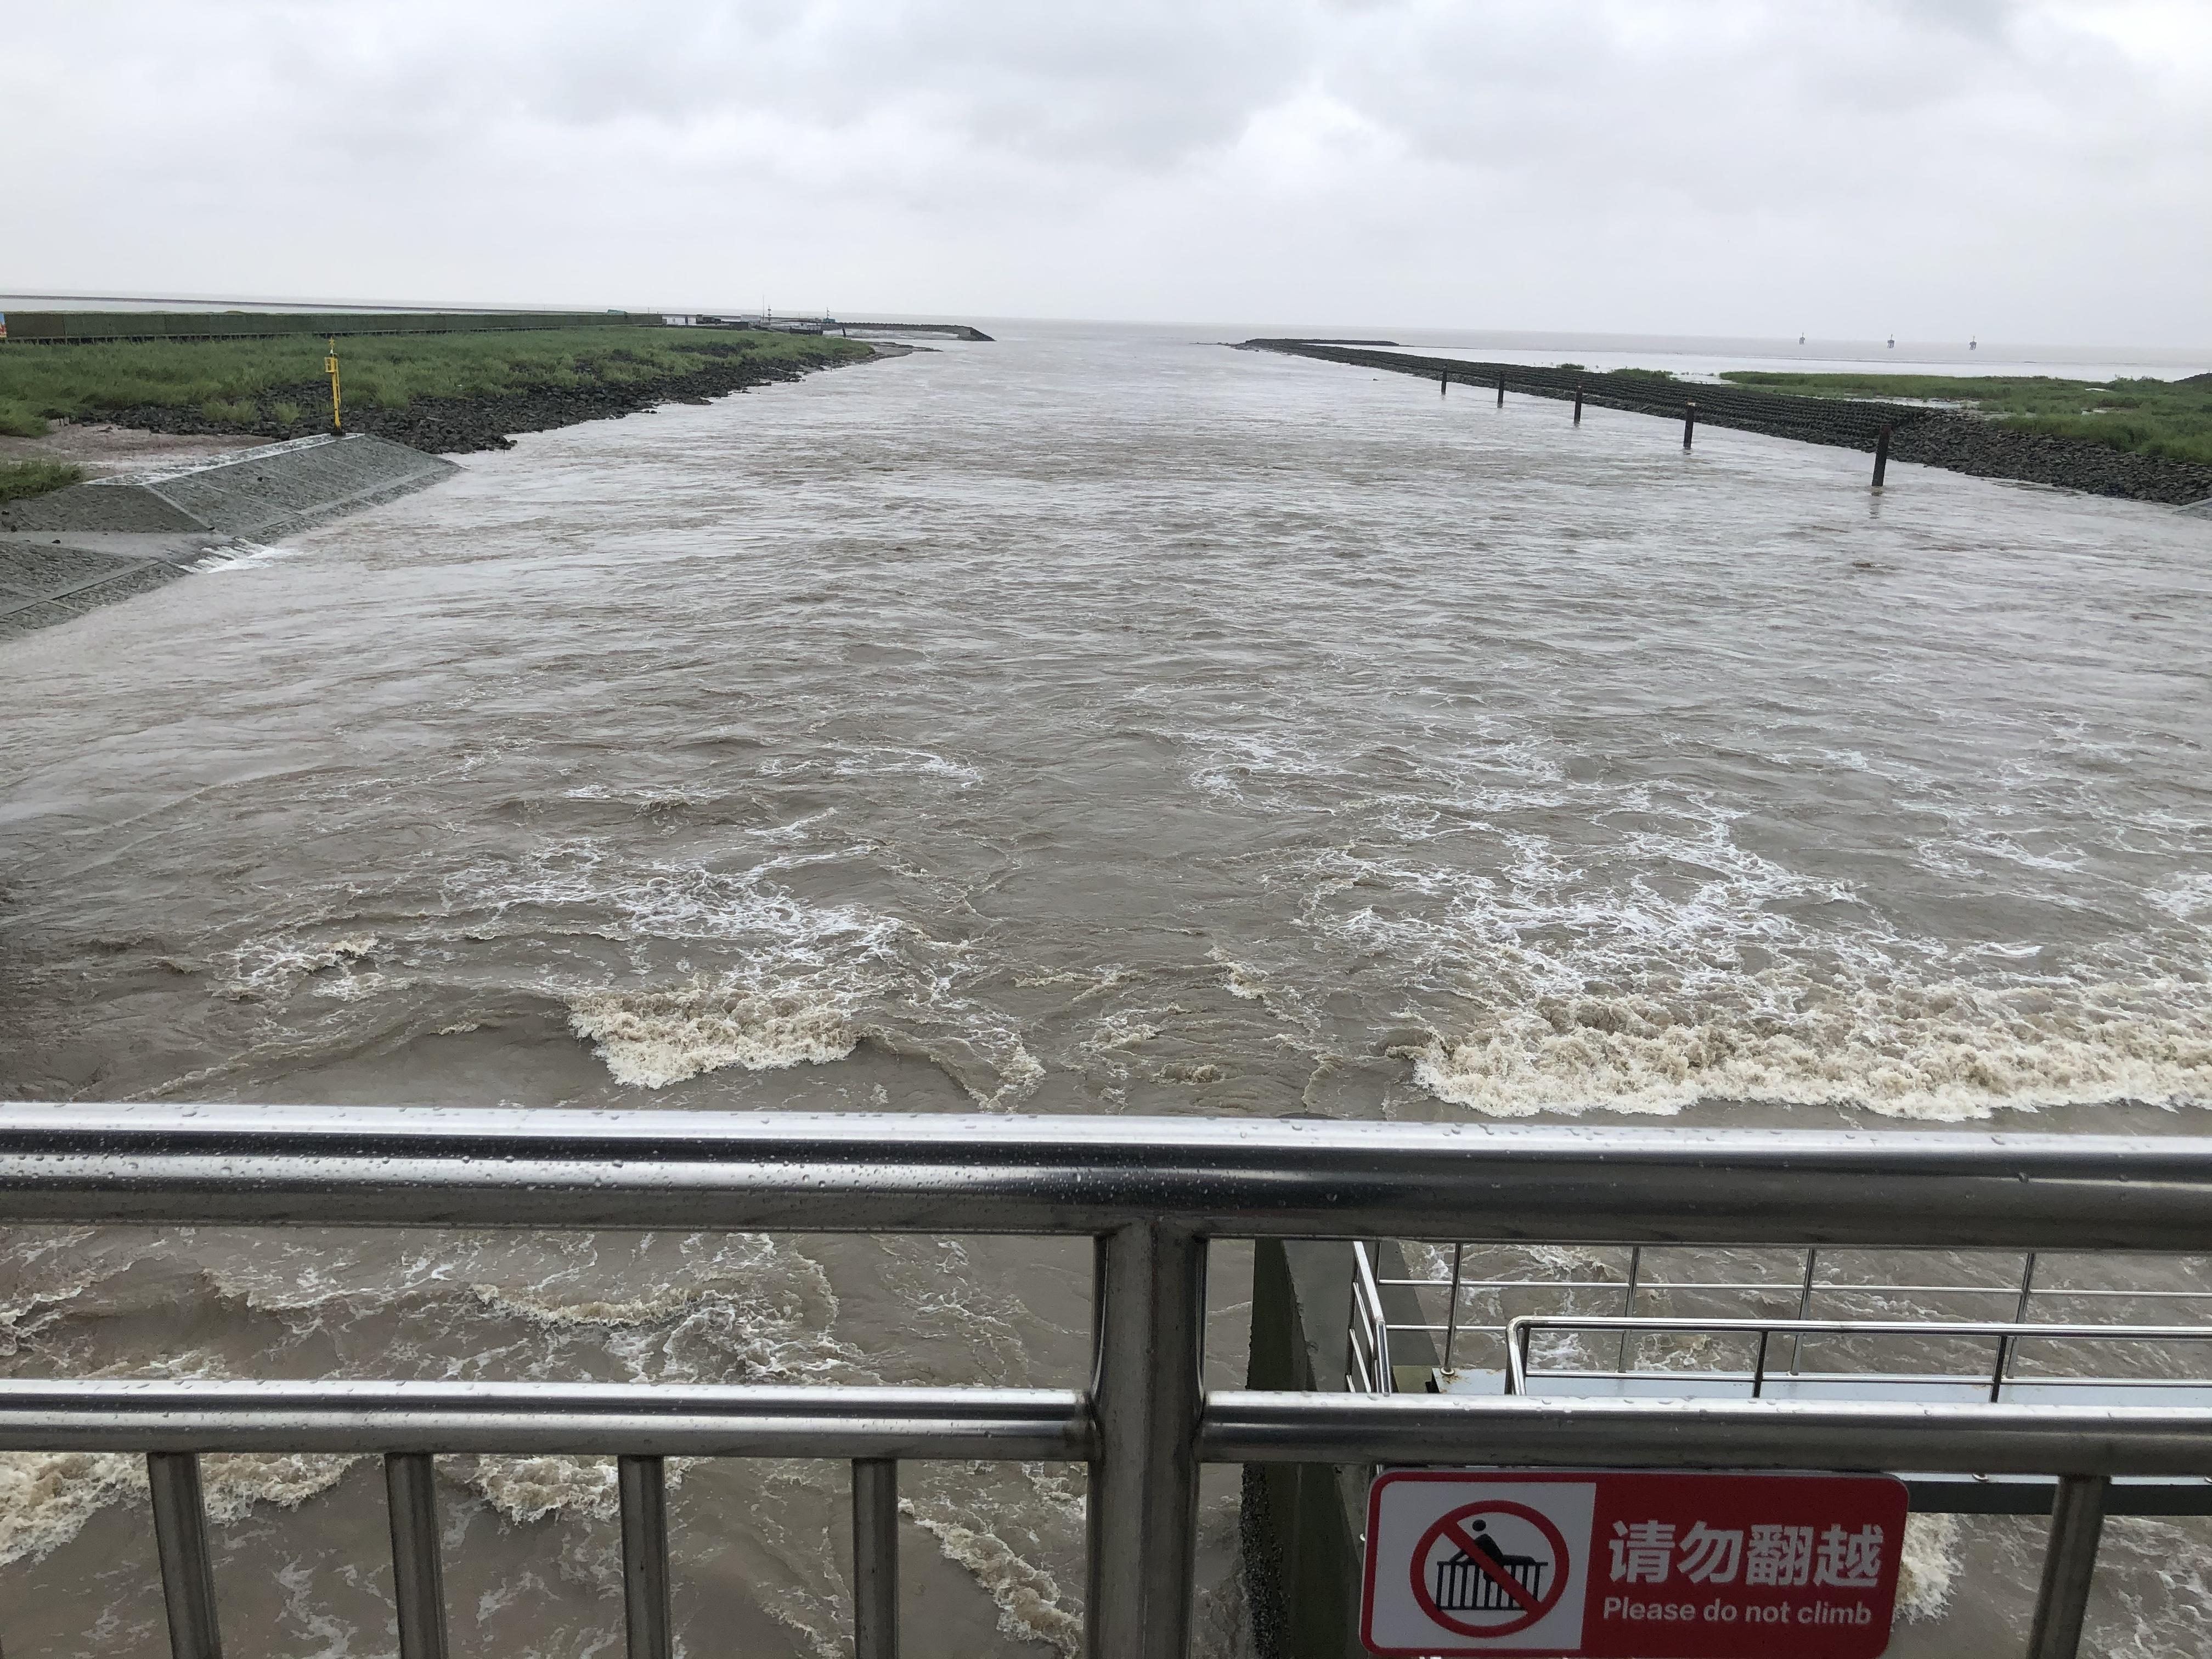 内河水经过金汇港南闸排入杭州湾